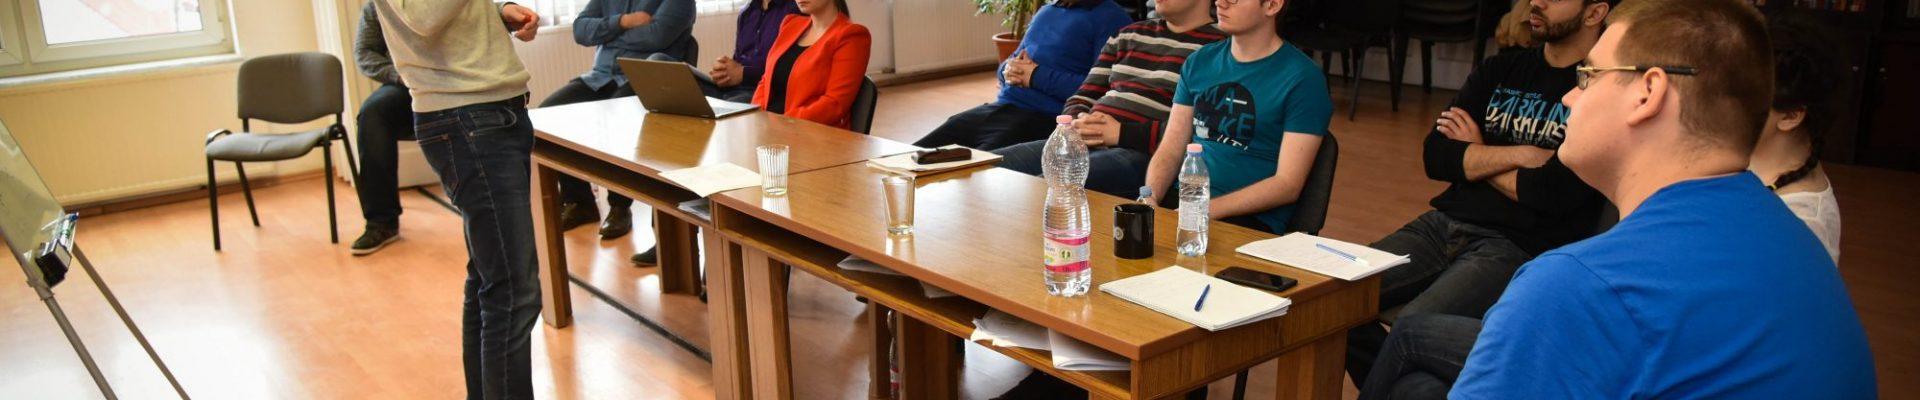 Tanulmányi-hétvége-kolesz-17-2000x1200